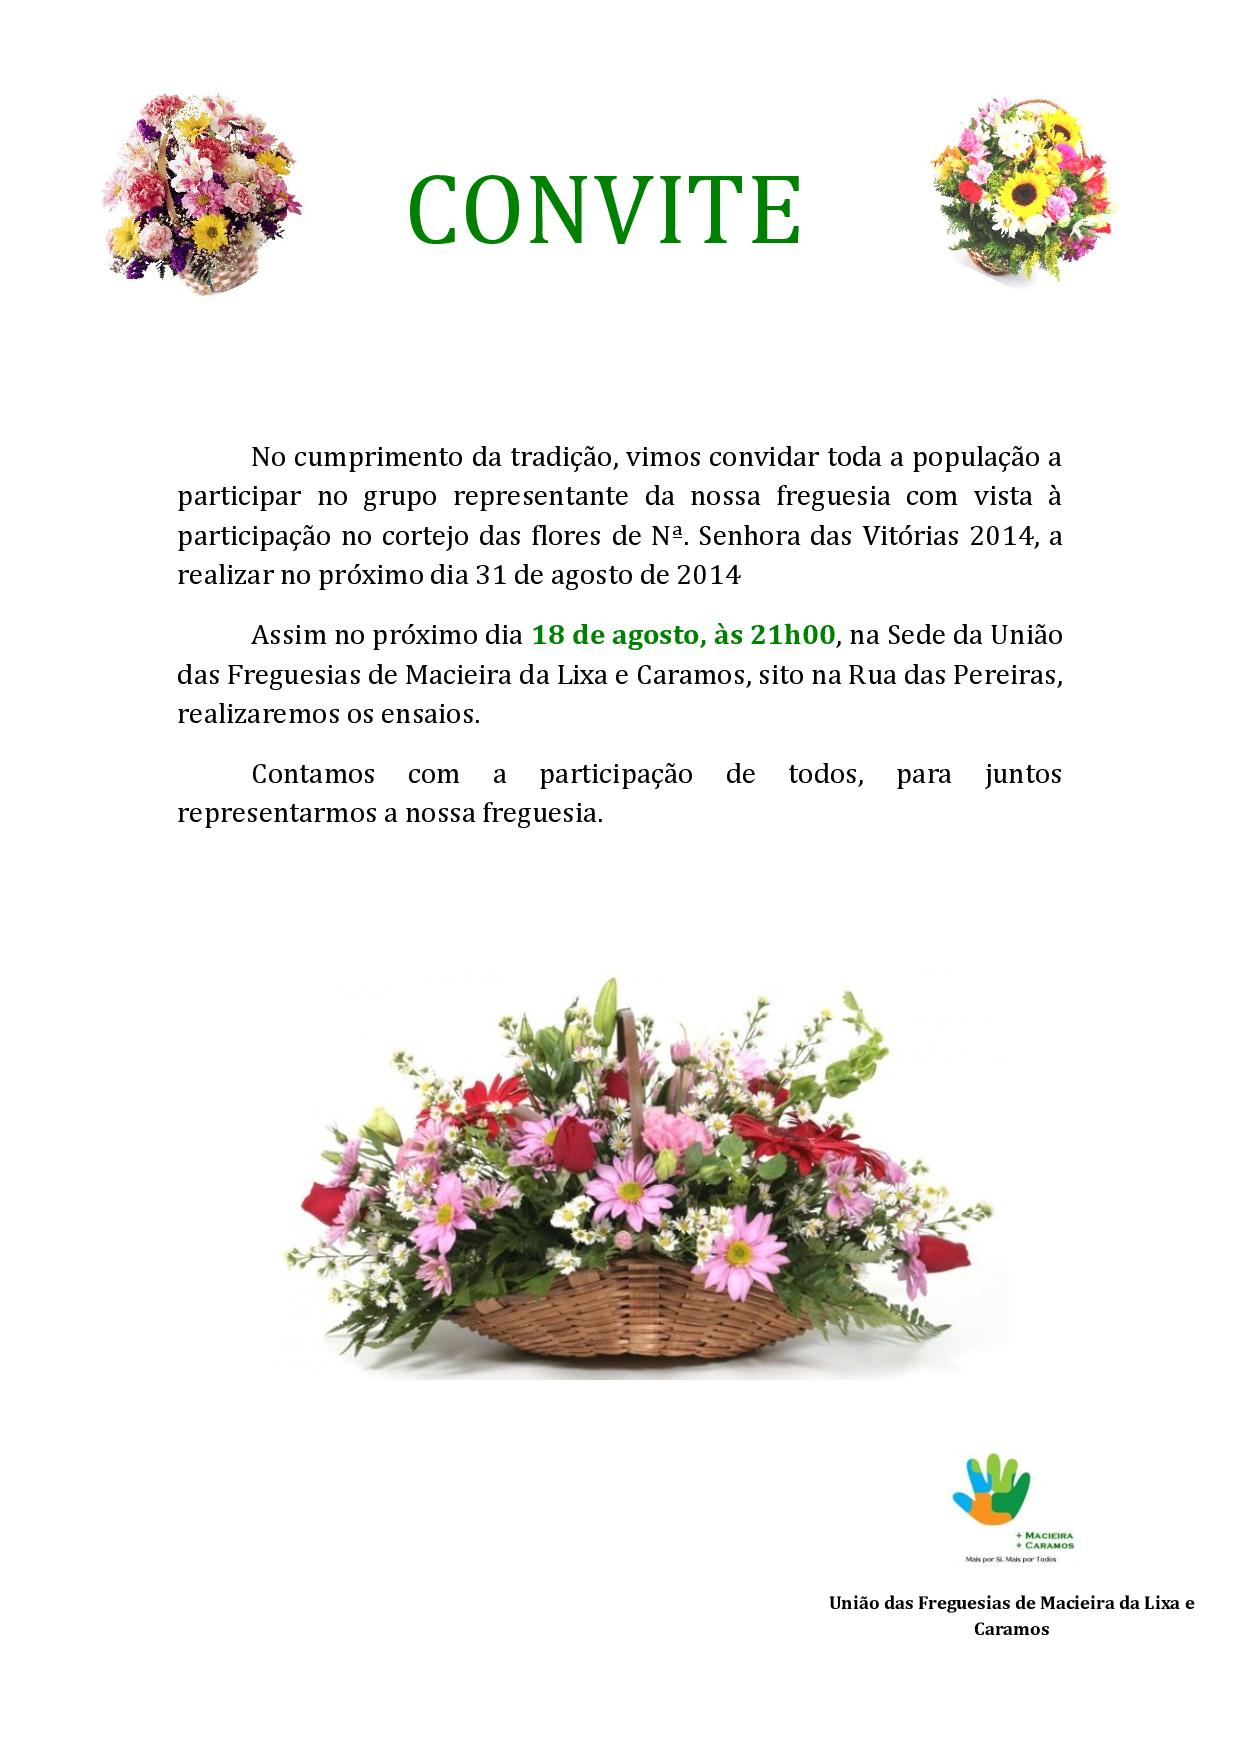 Convite_Cortejo das Flores_Vitórias 201_Macieira-page-001